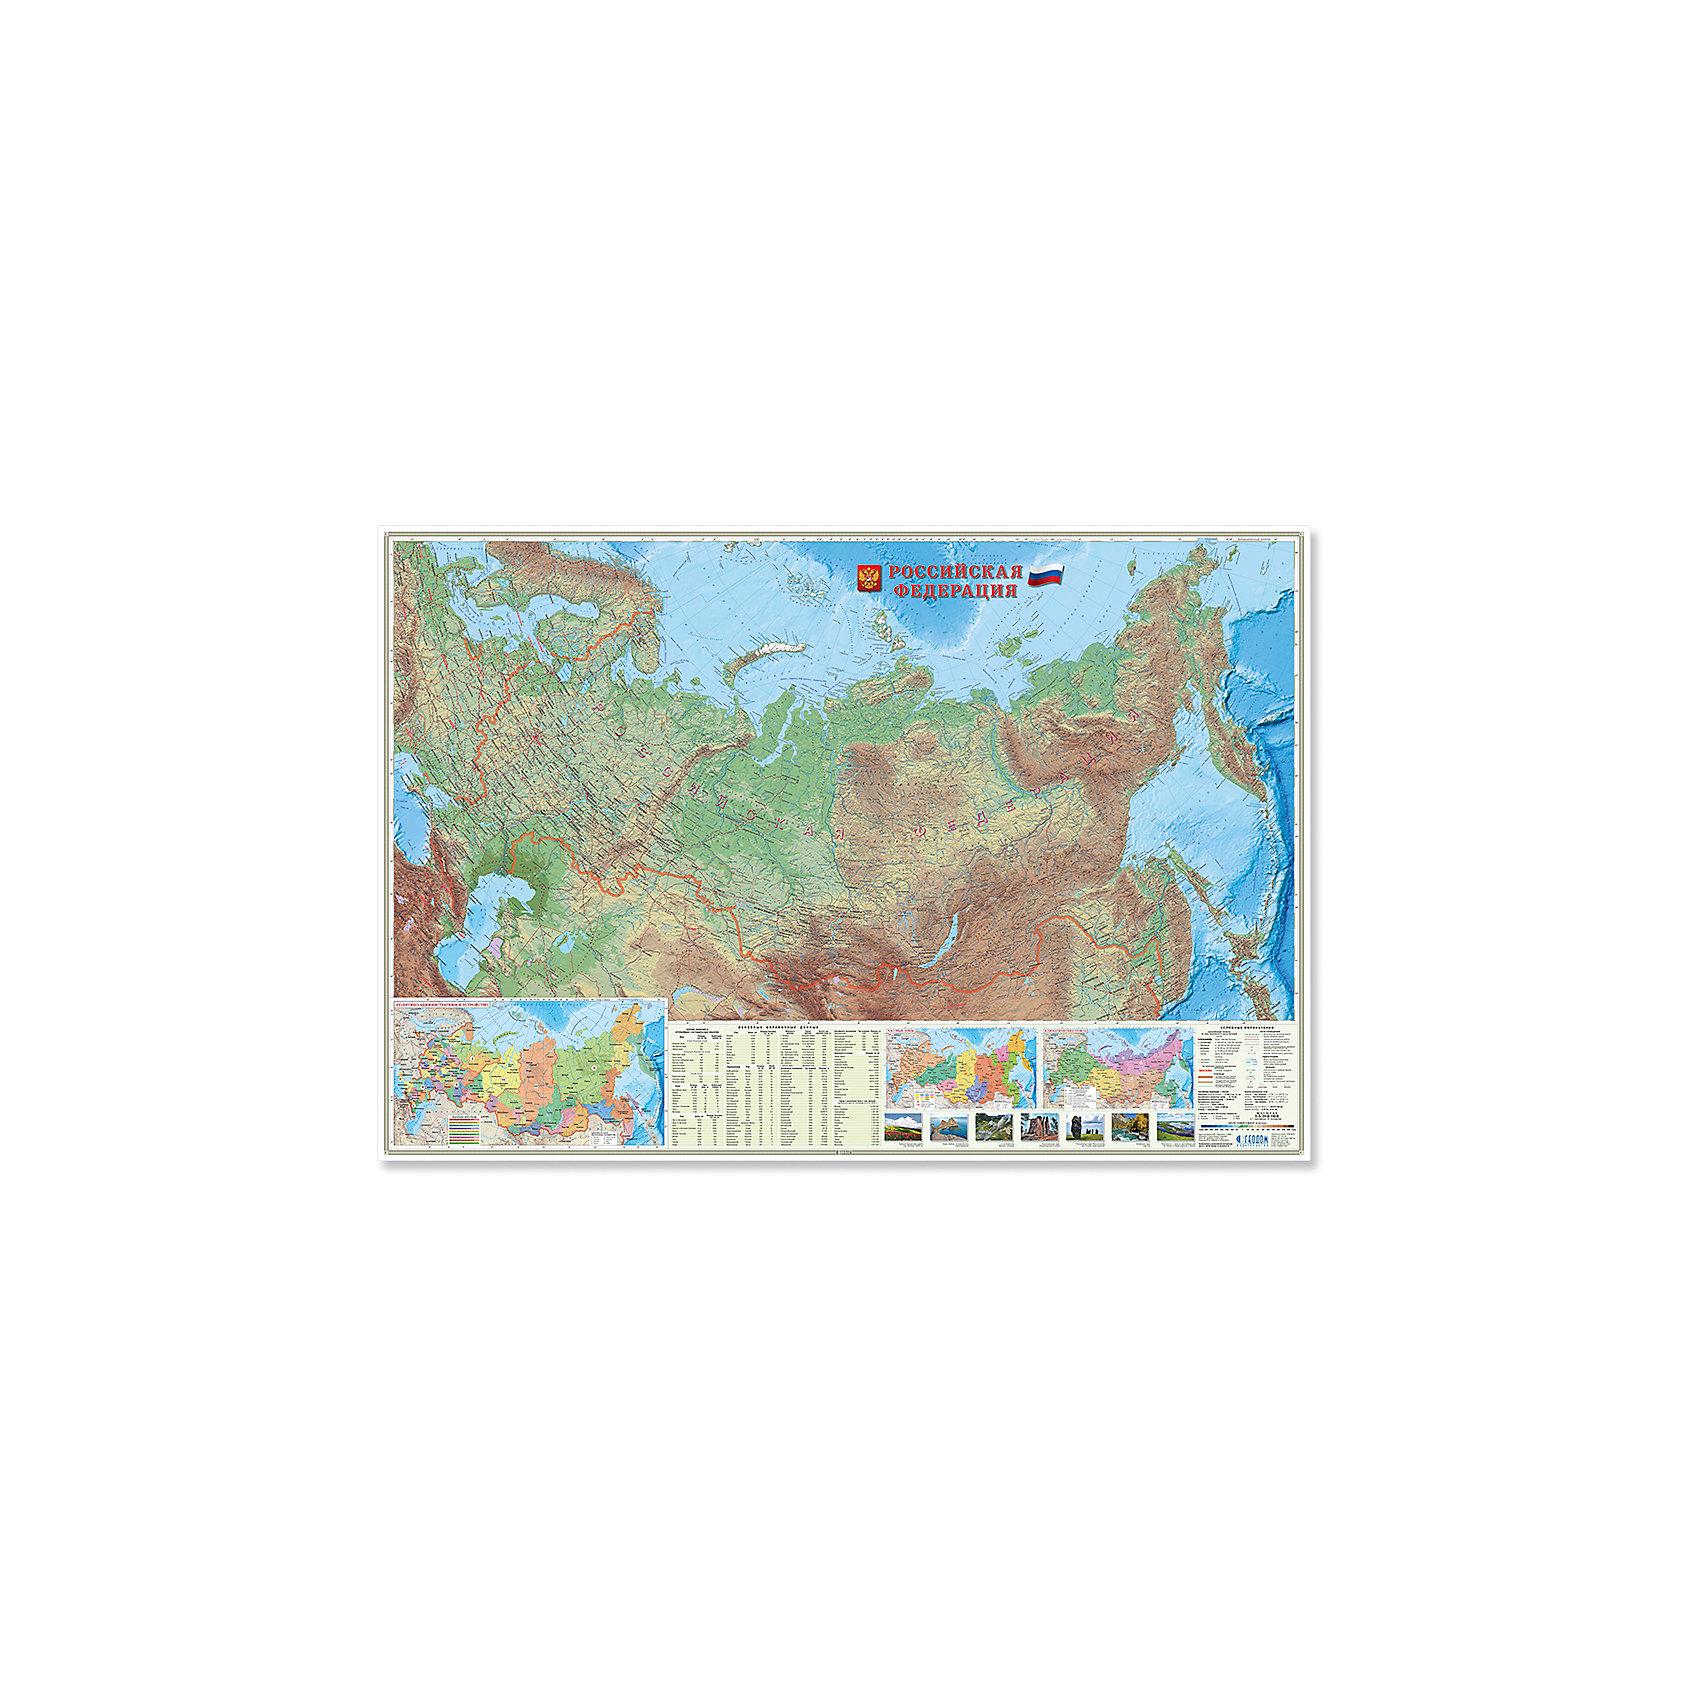 Настенная карта Россия Физическая М1:5,2 млн, 107*157 см, ламинированнаяПлакаты и карты<br>На карте подробно изображены рельеф и гидрография, пески, солончаки, вулканы, ледники и болота. Карта содержит информацию государственных границах, населенных пунктах, автомобильных и железных дорогах, а также морских и речных портах, международных аэропортах.<br>Кроме этого на карте вы найдете основные справочные сведения о Российской Федерации, информацию о крупнейших геологических объектах, о часовых и климатических зонах России.<br>Большой формат карты подойдет для образовательный учреждений и центров развития детей, кроме того, карта может стать настоящим украшением любого офисного помещения!<br><br>Ширина мм: 1570<br>Глубина мм: 1070<br>Высота мм: 1<br>Вес г: 160<br>Возраст от месяцев: 36<br>Возраст до месяцев: 2147483647<br>Пол: Унисекс<br>Возраст: Детский<br>SKU: 5422949